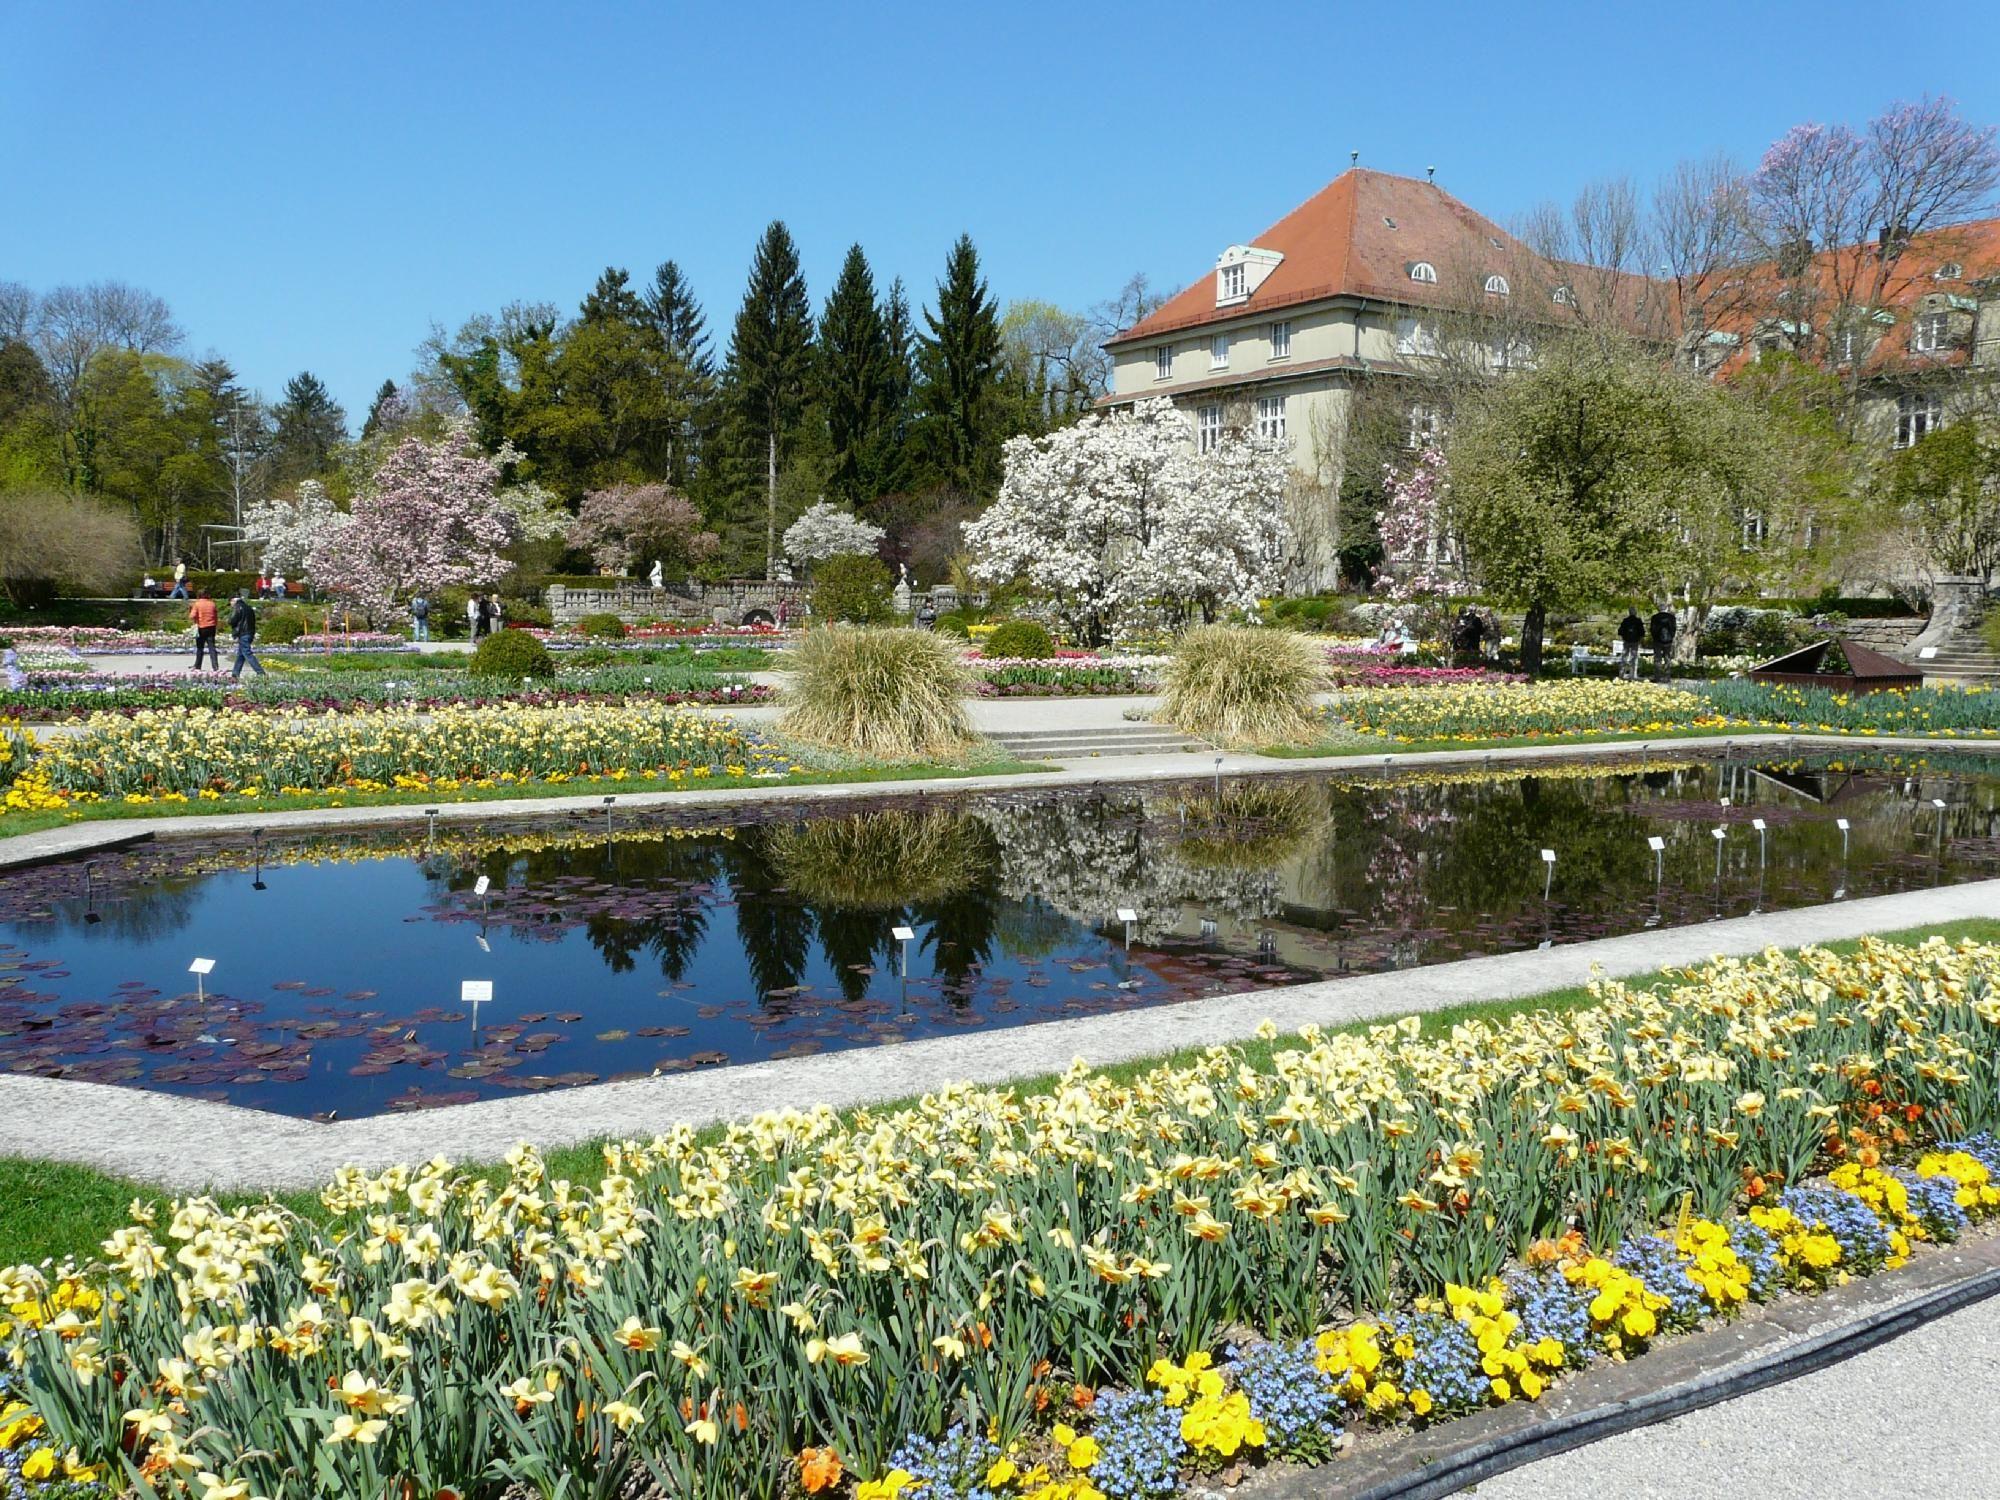 Das Sind Die Schonsten Botanischen Garten Deutschlands